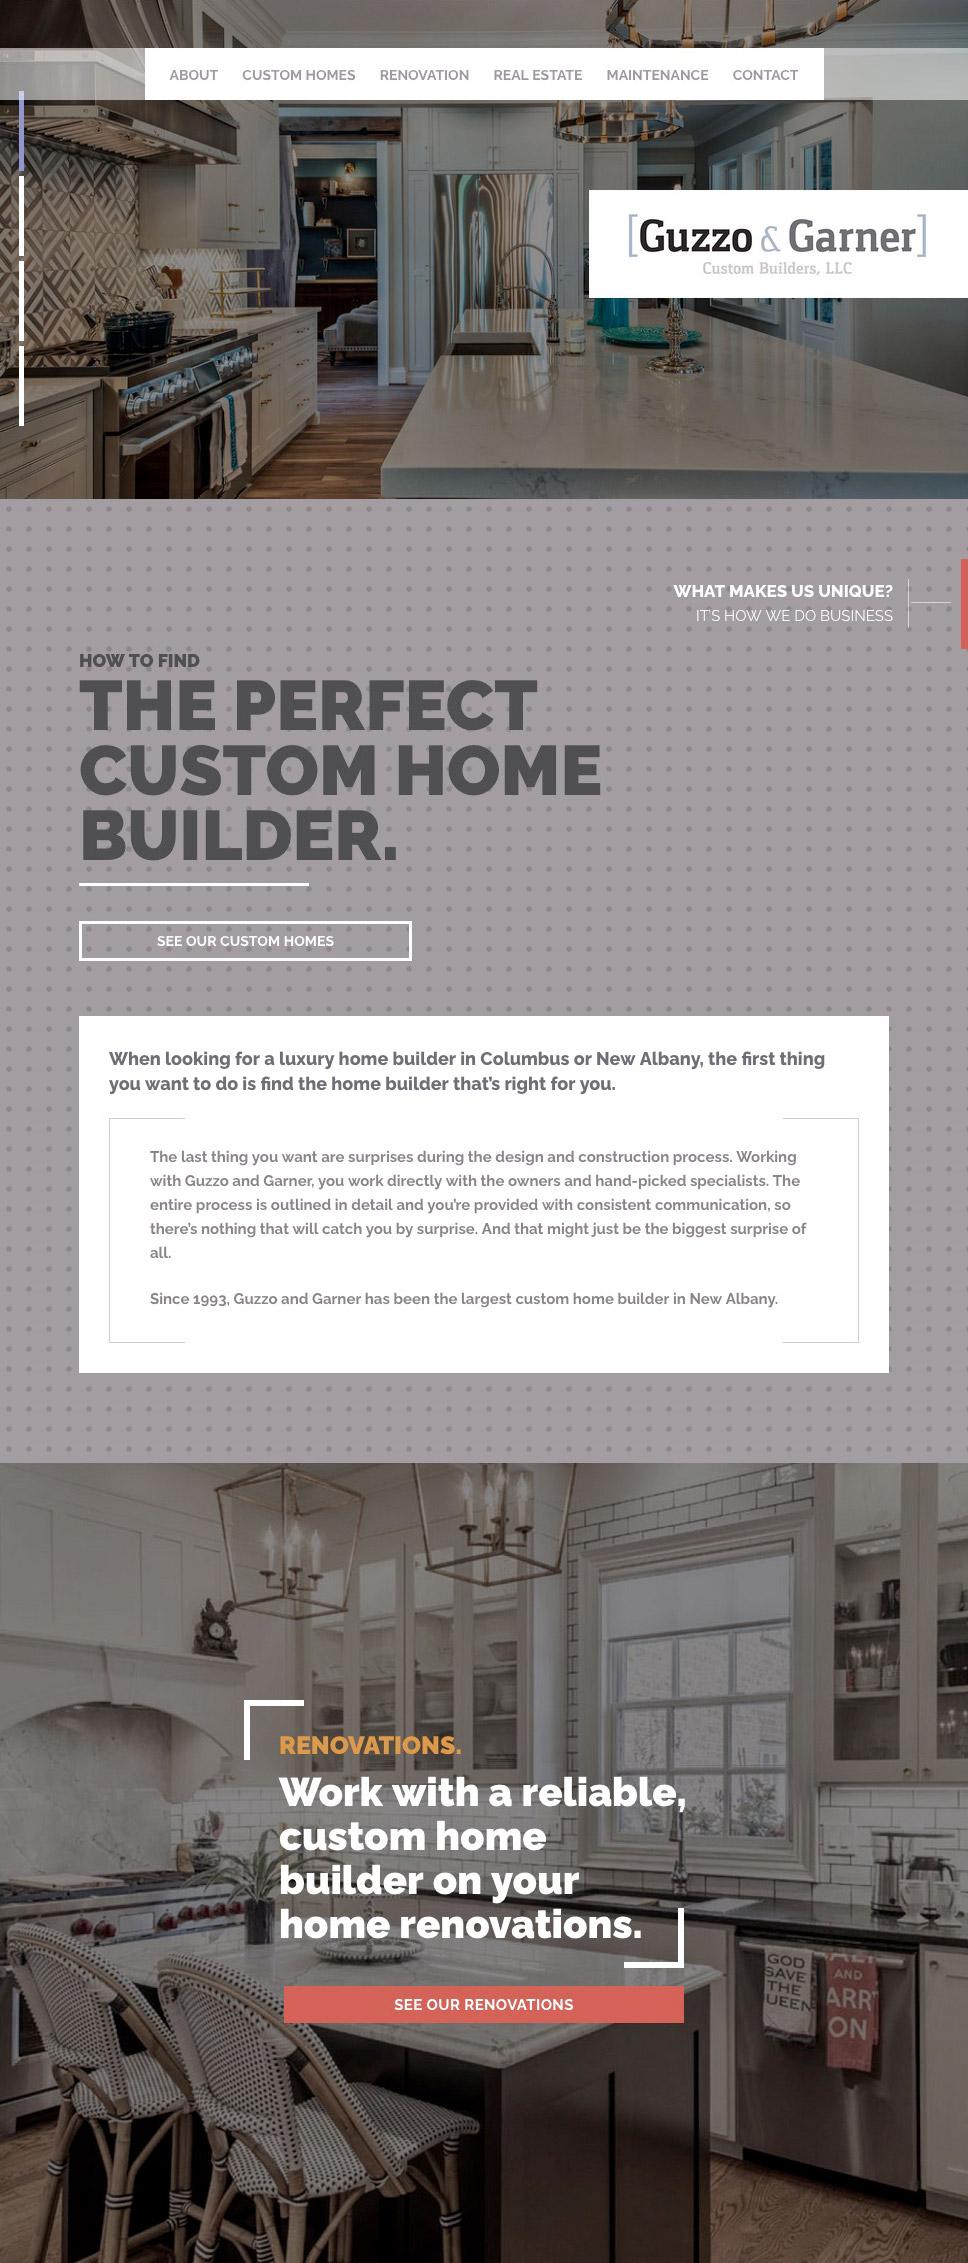 homepage of Columbus luxury home builder website